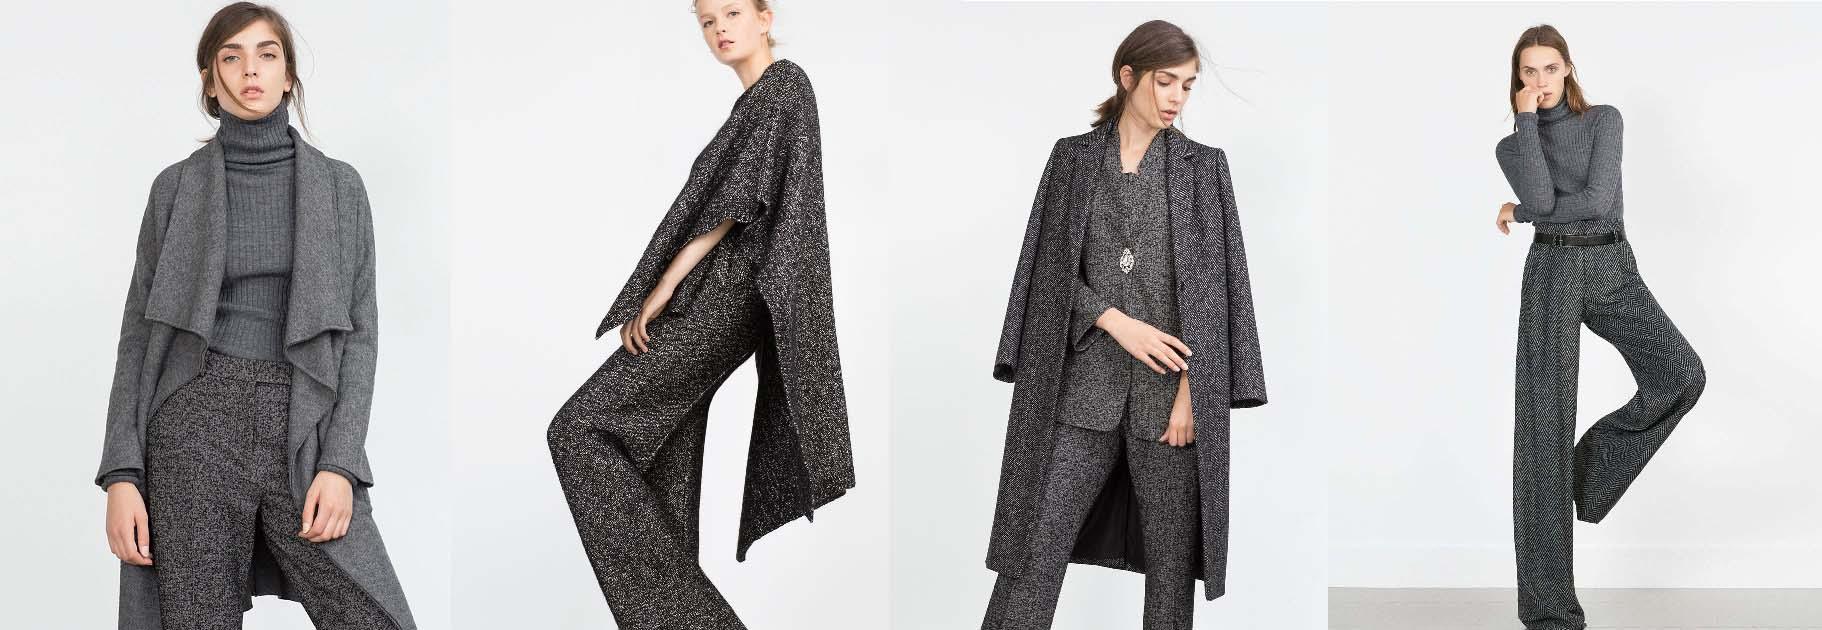 Модные тренды осень/зима 2015/2016 пальто